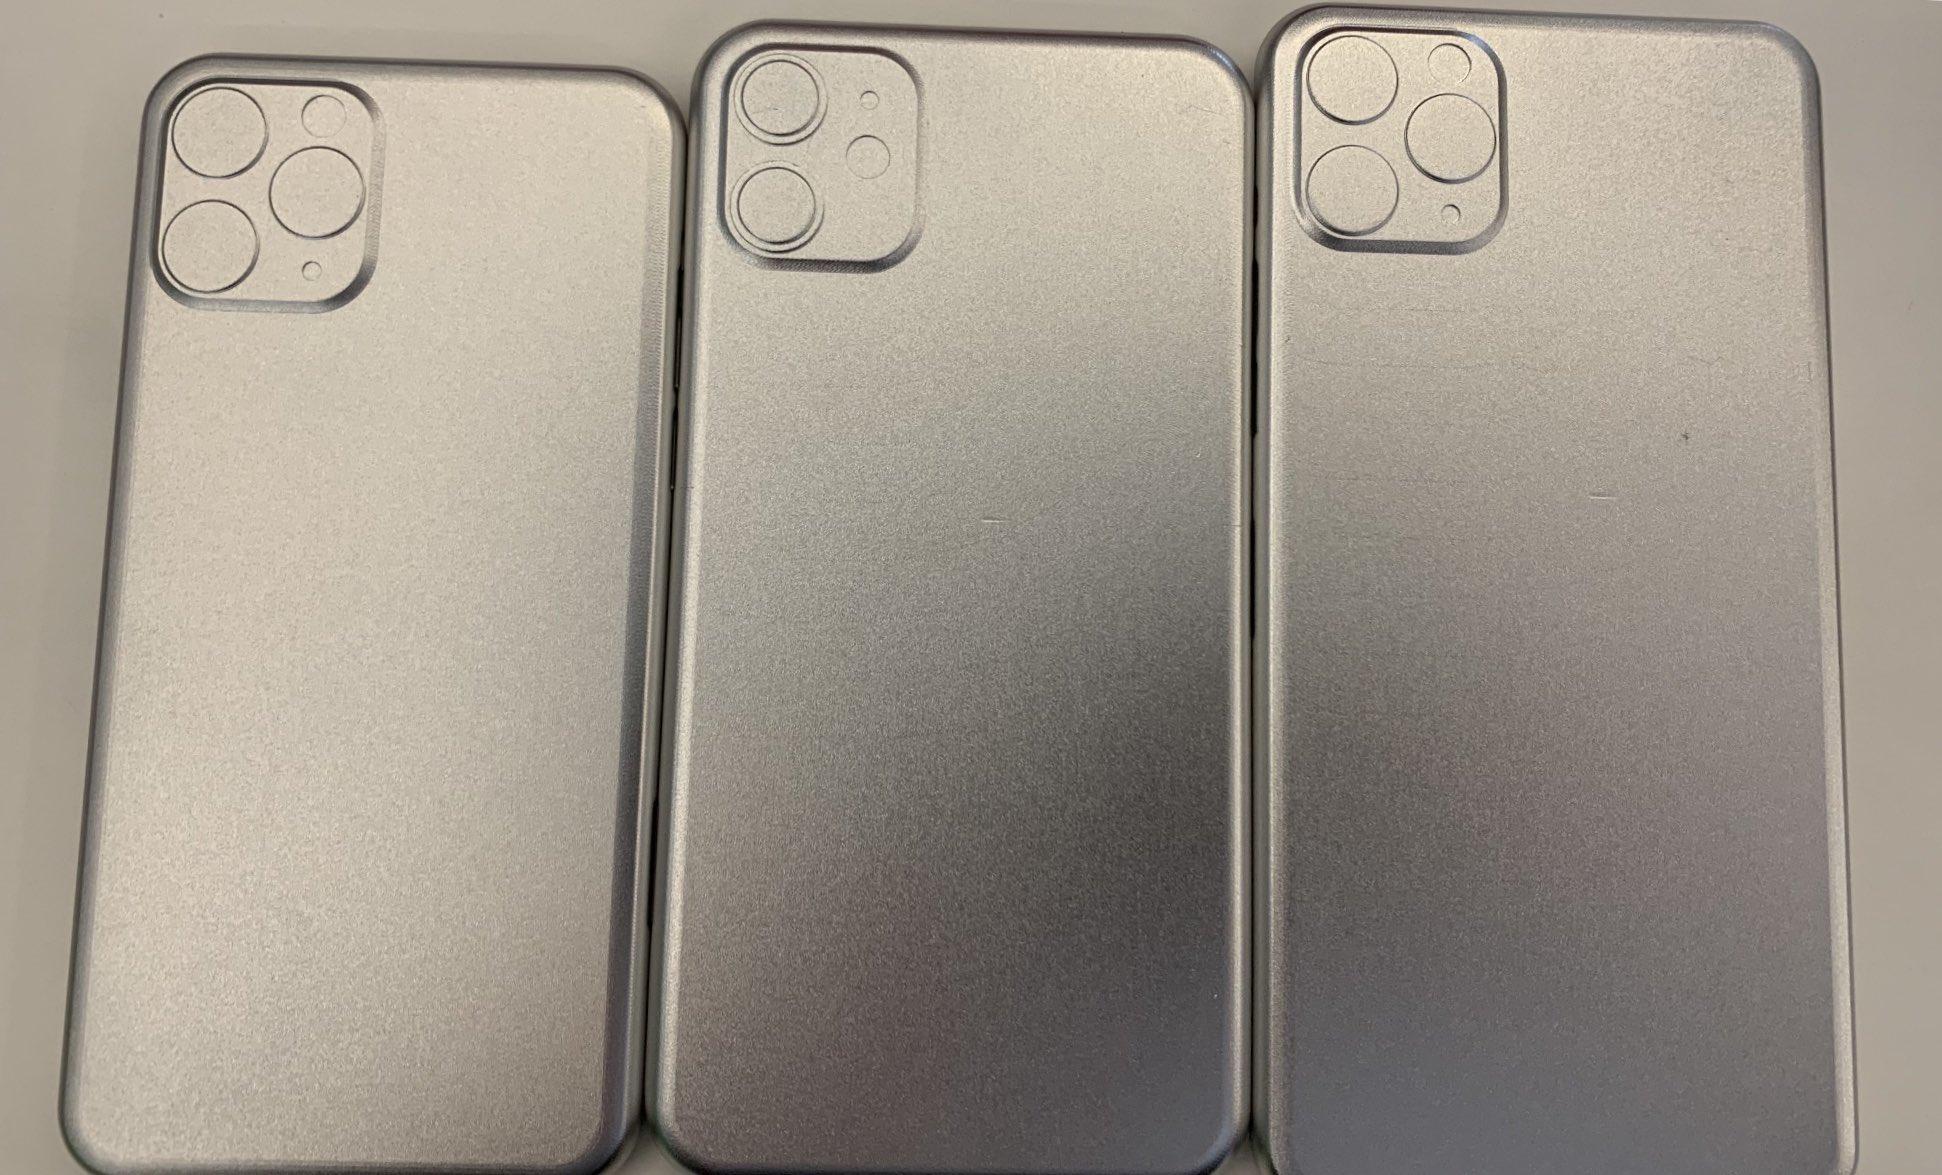 Le prochain iPhone XR pourrait être disponible en 2 nouvelles couleurs : vert et « lavande »